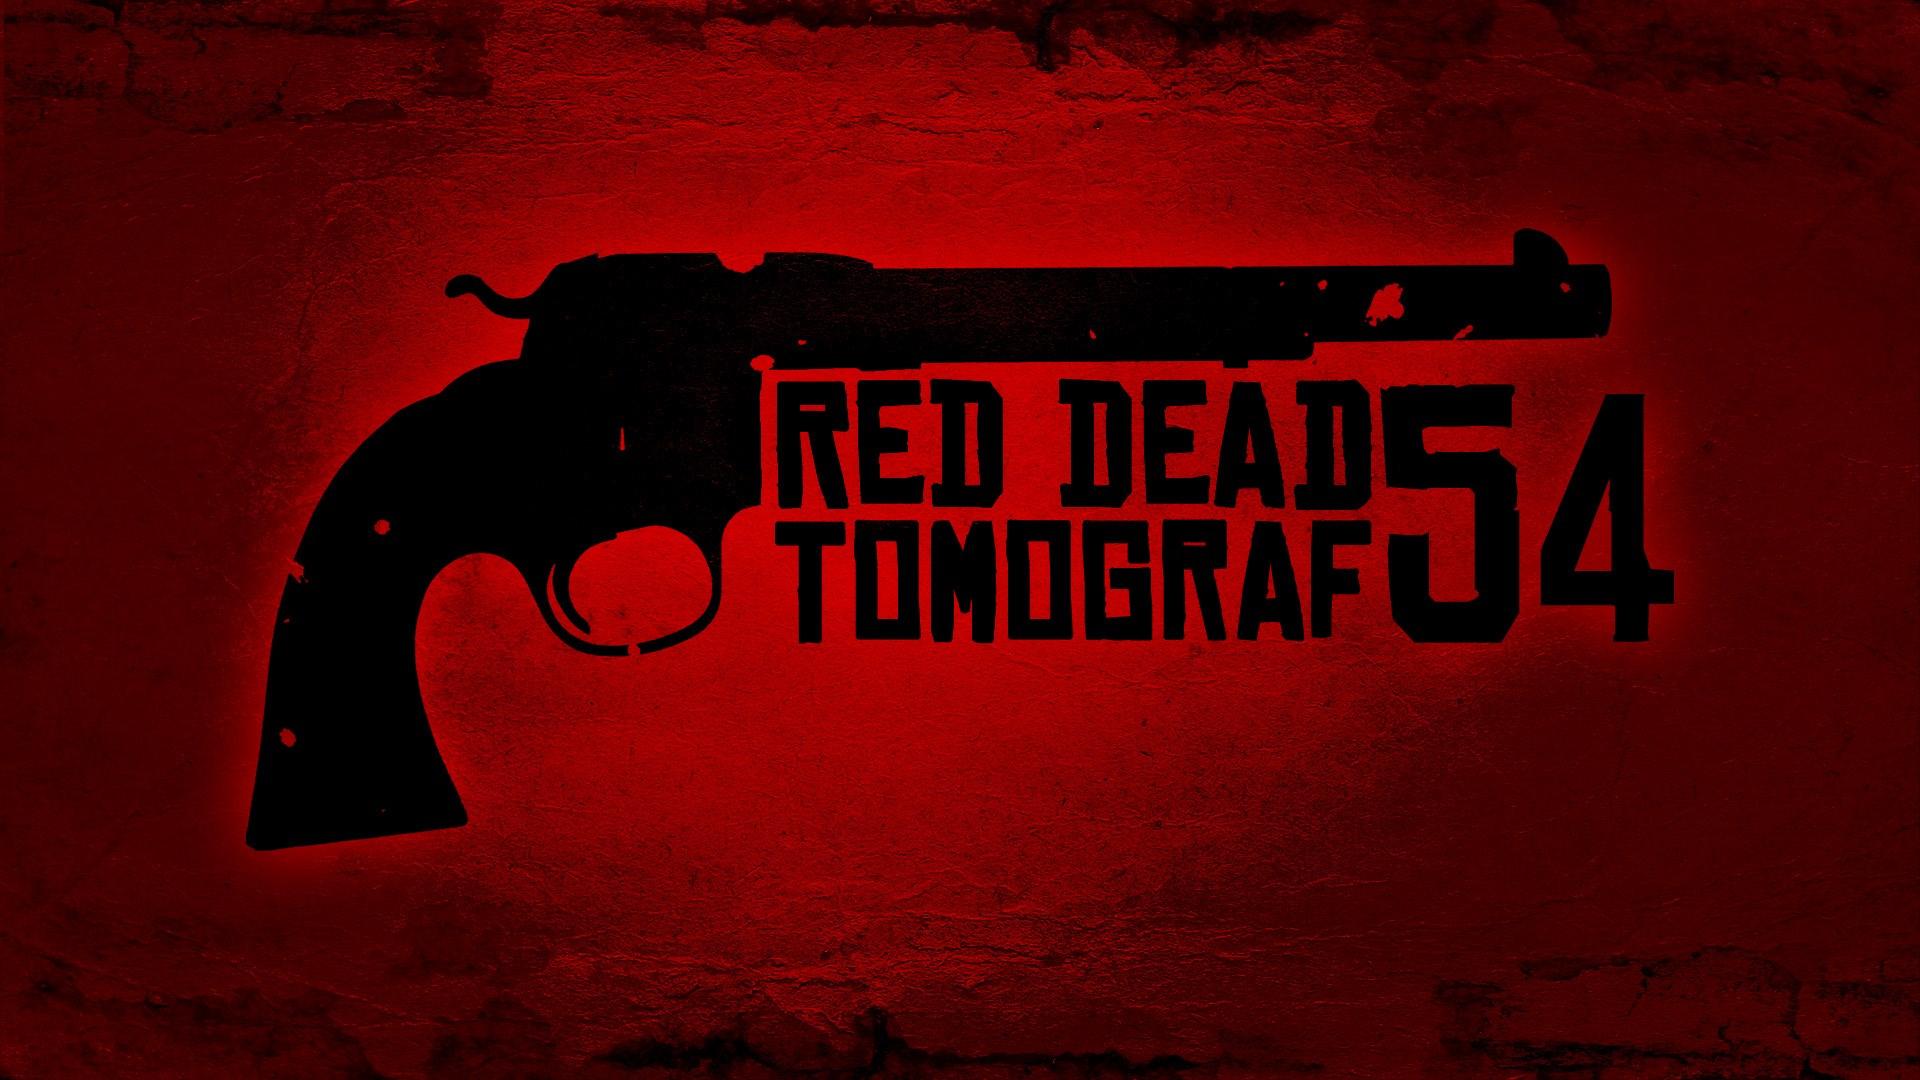 Tomograf #54 - Red Dead Tomograf